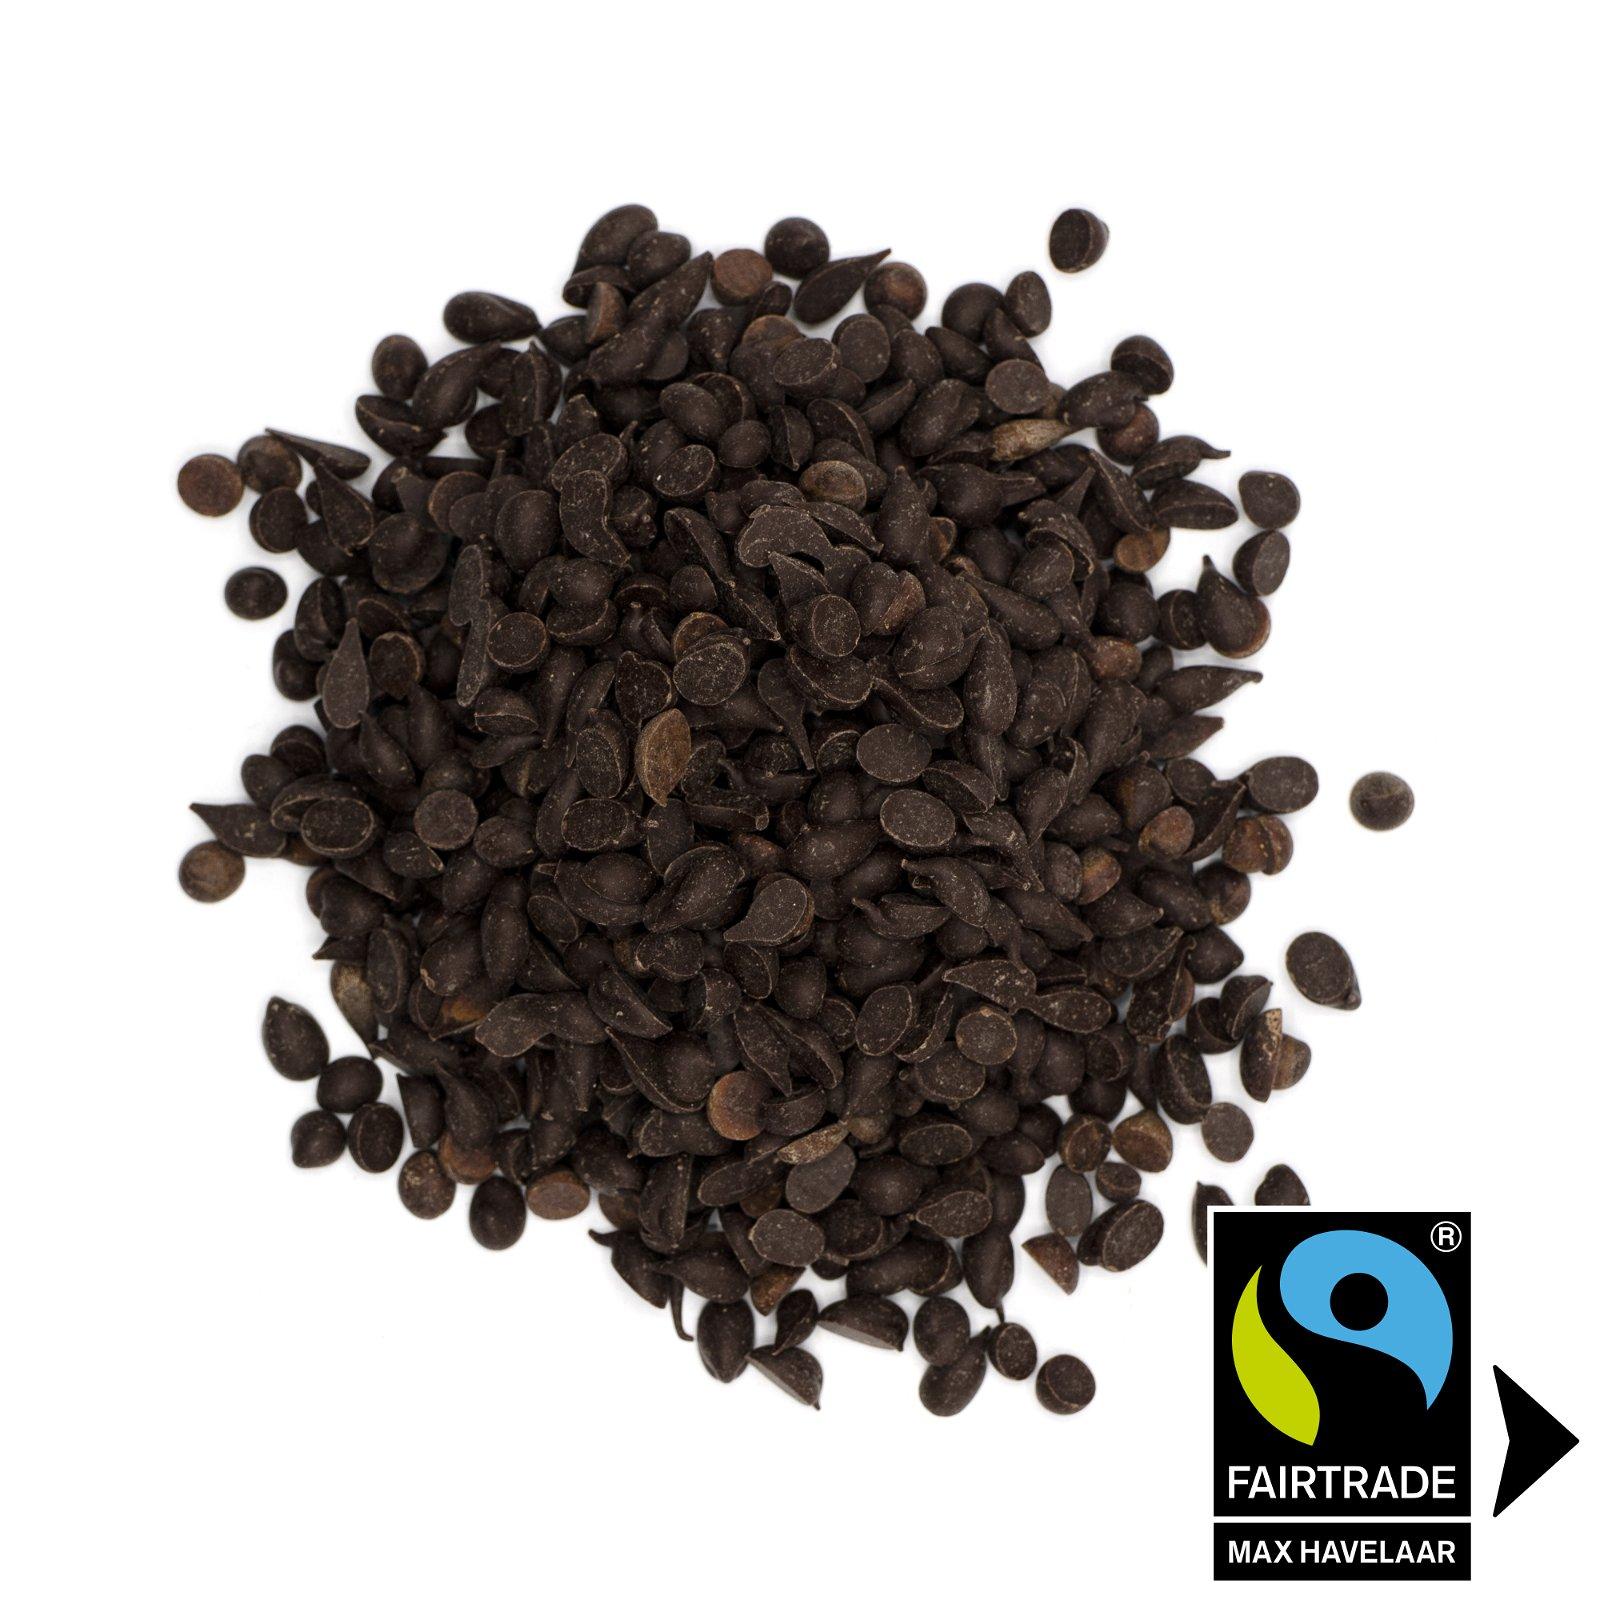 img-la-fourche-pepites-de-chocolat-equitable-bio-en-vrac-atcb-0-25kg